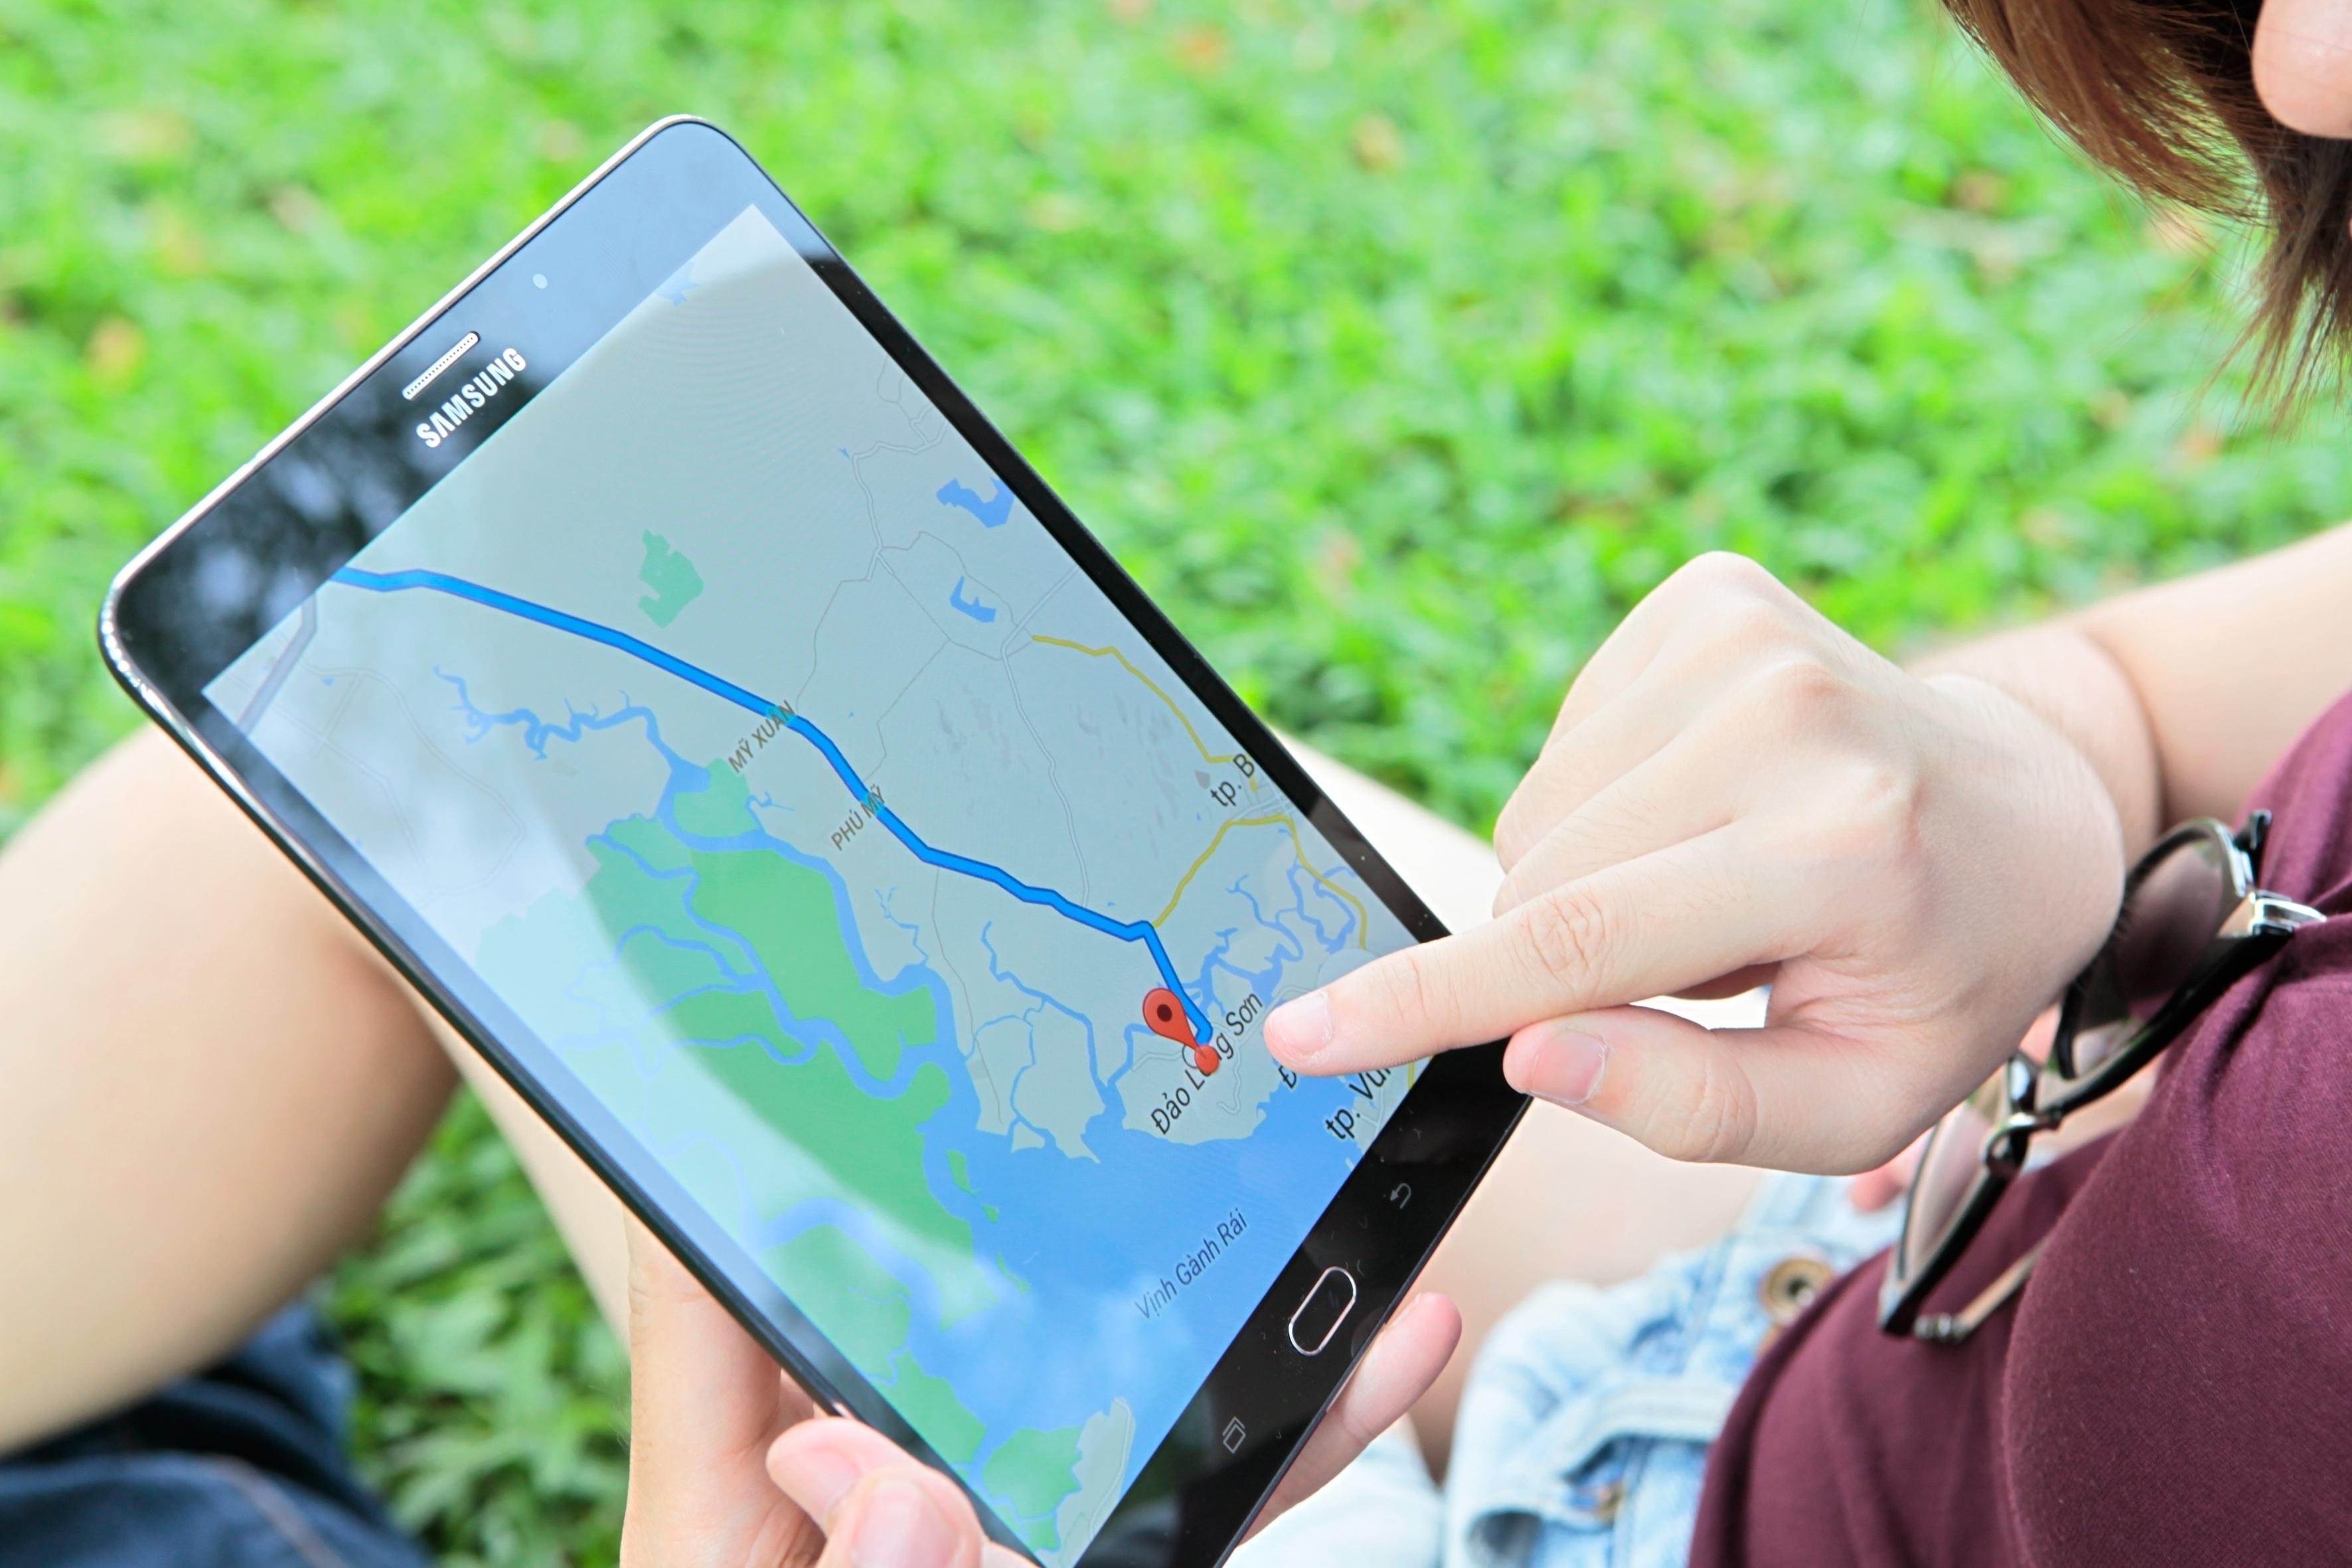 Galaxy Tab S2 giải trí tối đa